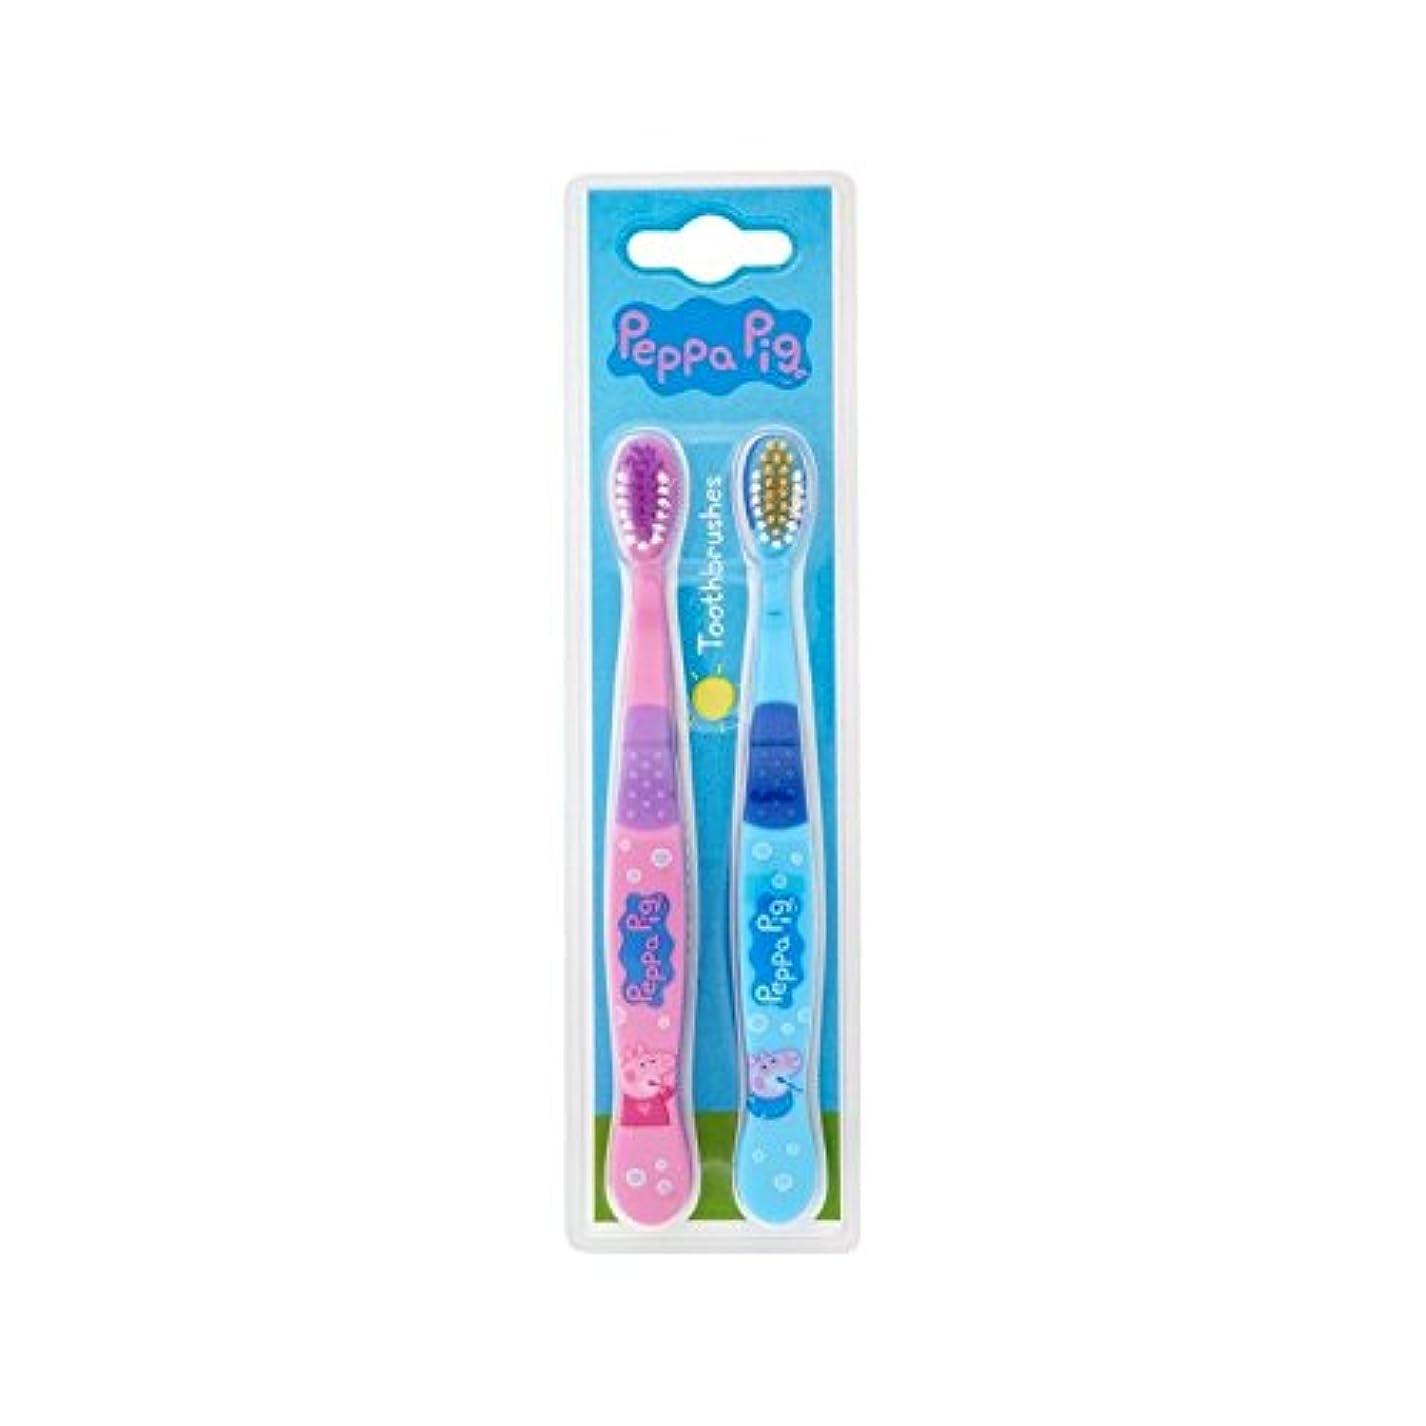 担保ジェット維持する1パックツイン歯ブラシ2 (Peppa Pig) - Peppa Pig Twin Toothbrush 2 per pack [並行輸入品]